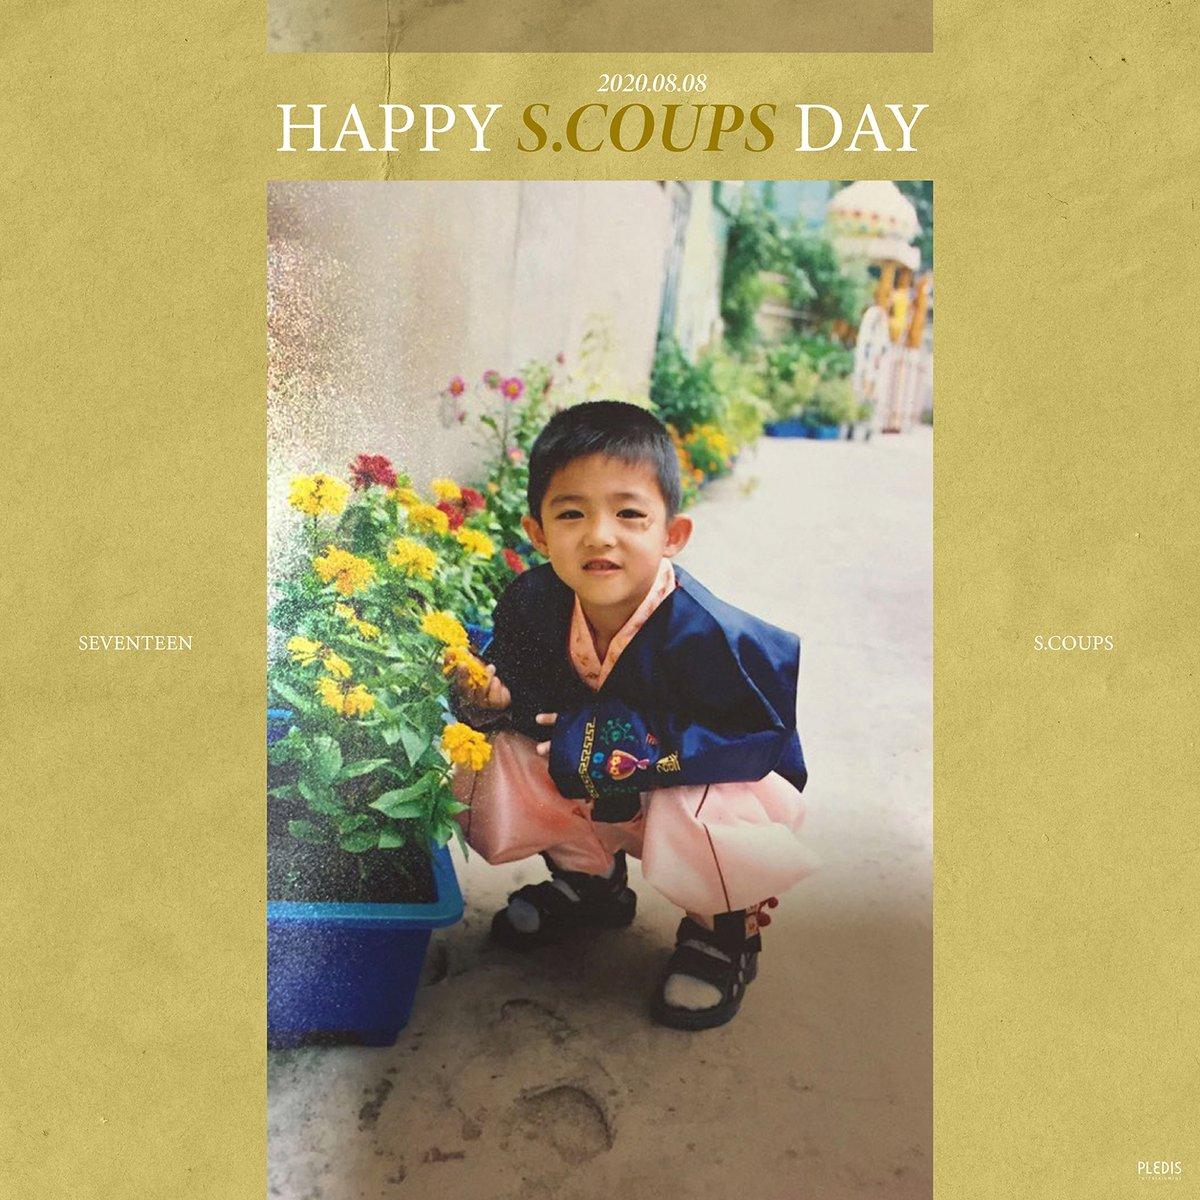 20200808 Happy S.COUPS's Day🚩  #Happy_SCOUPS_Day  #에스쿱스 #SCOUPS #세븐틴 #SEVENTEEN